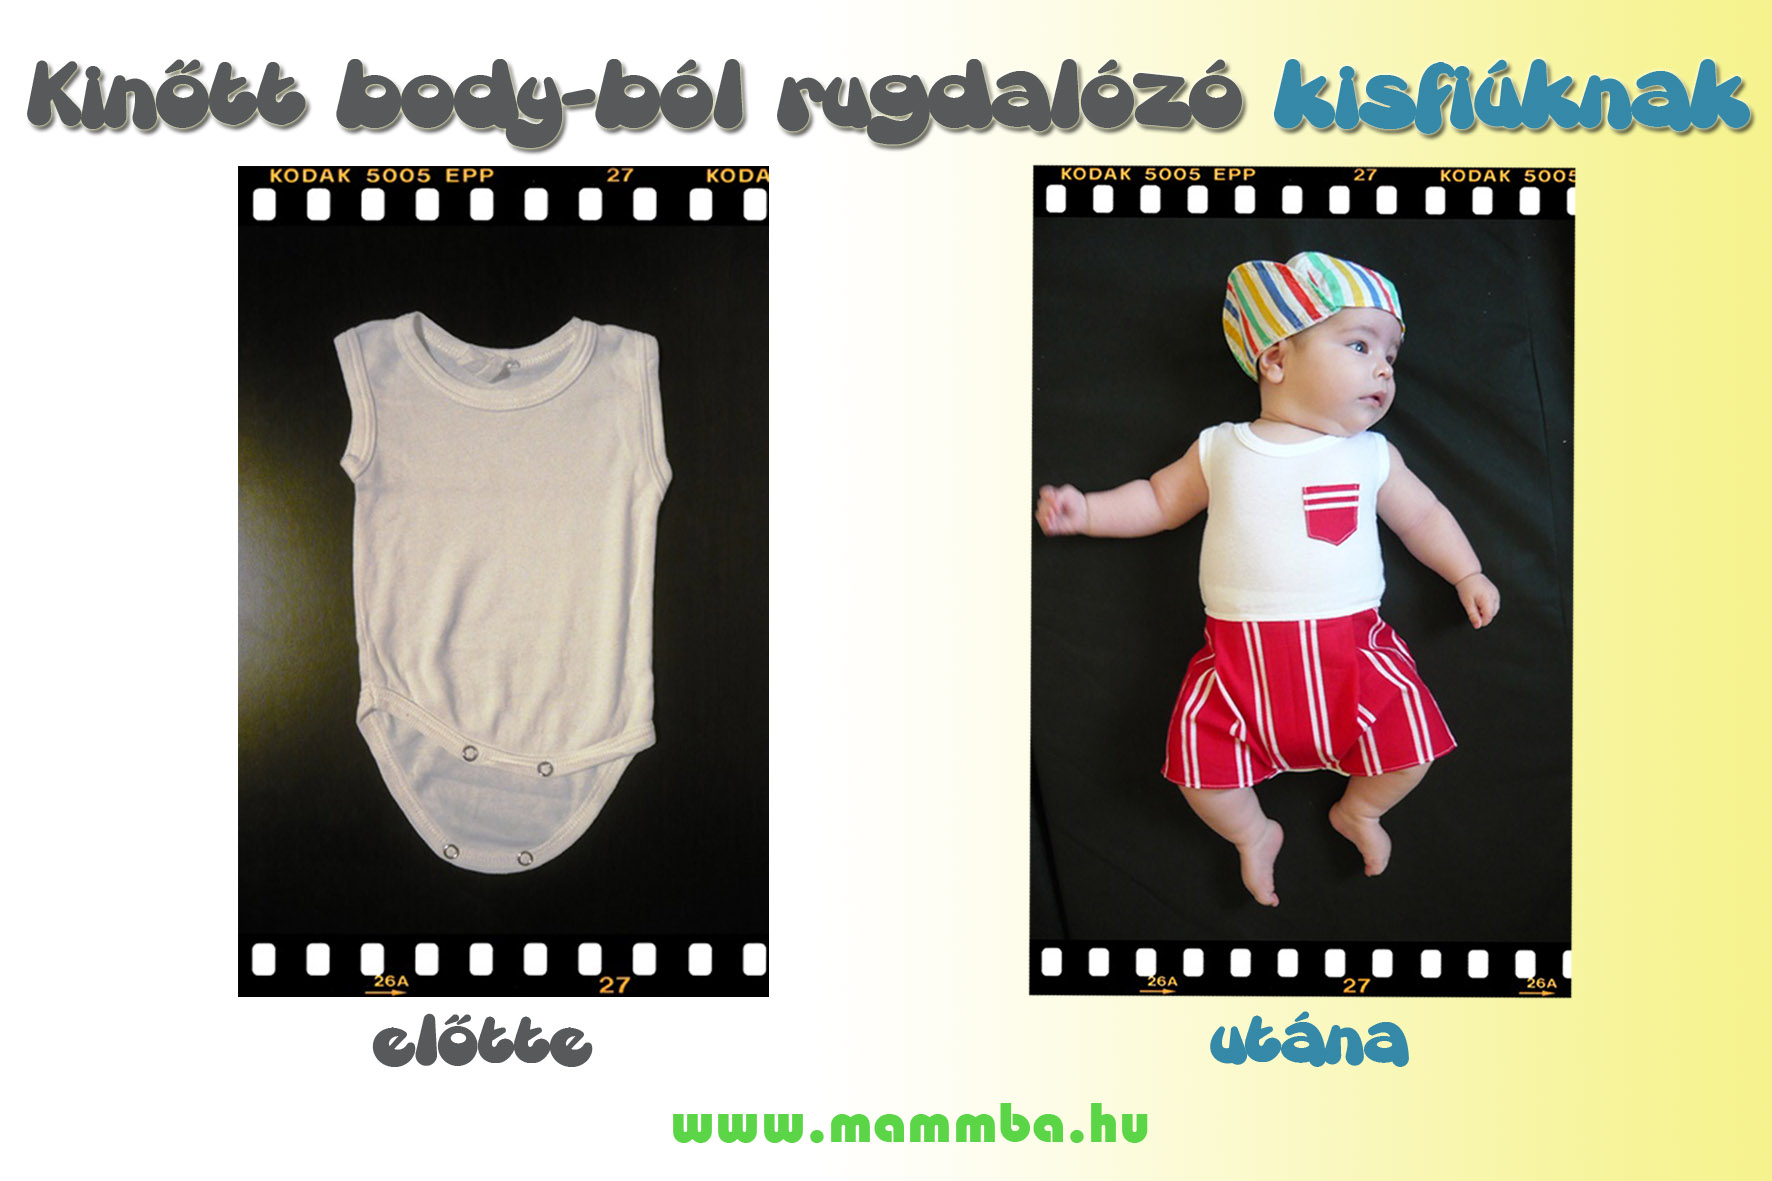 d26e8dfe59 Kinőtt body-ból rugdalózó készítése kisfiúknak | MammBa - A baba és ...